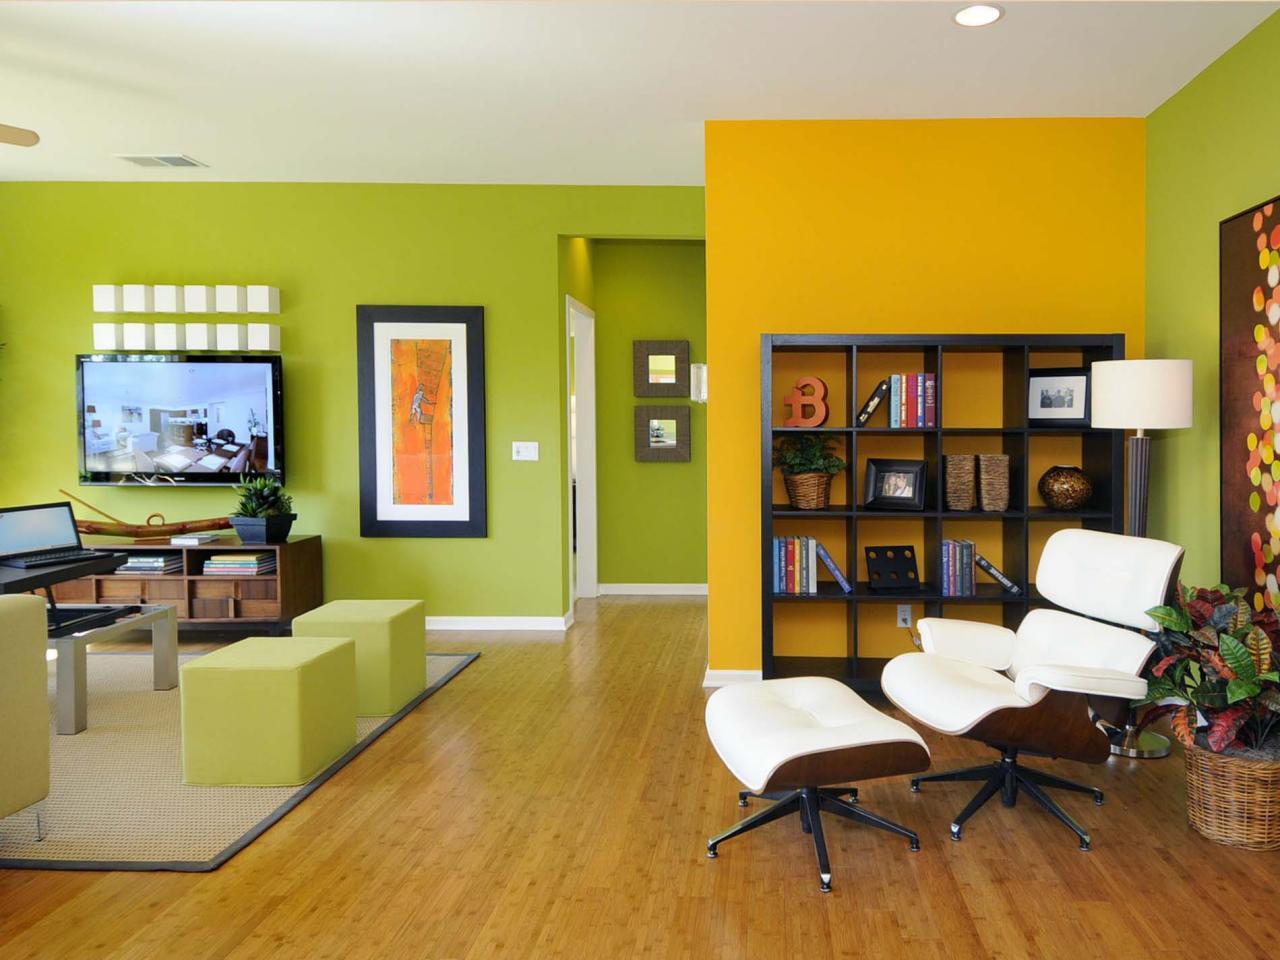 9 formas de transformar tu hogar en un lugar feliz - Consejos para pintar ...